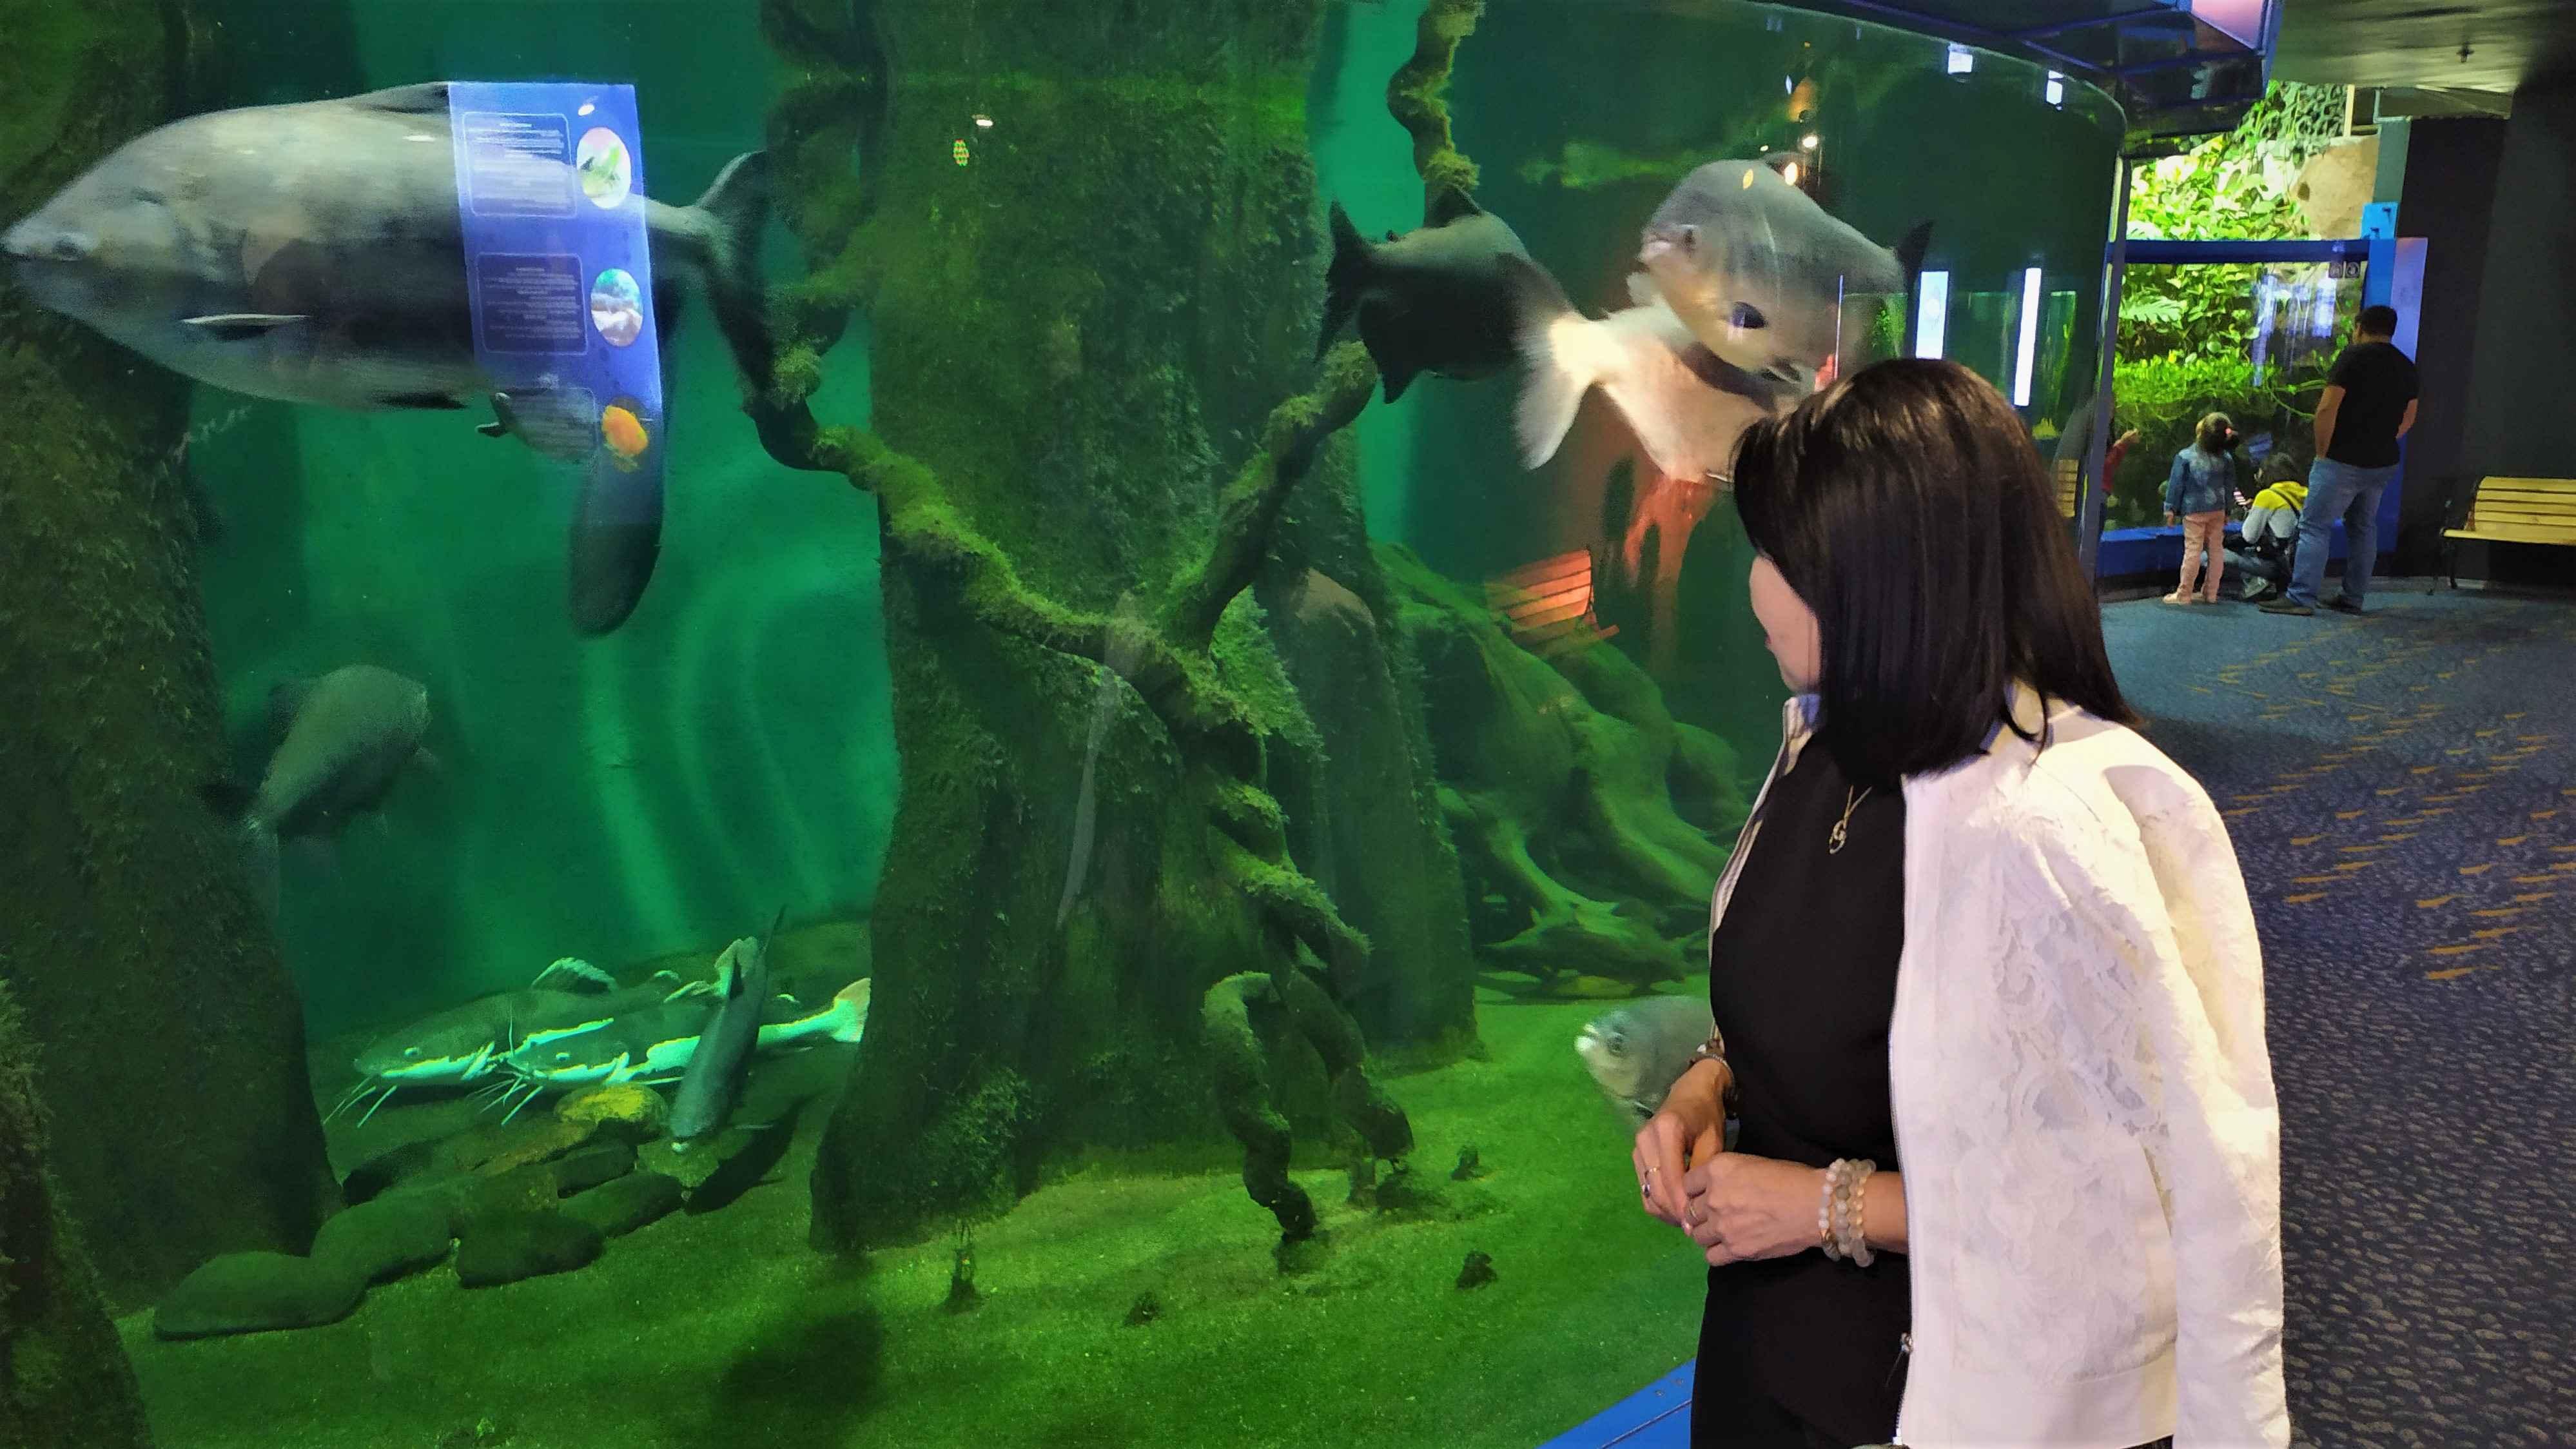 Центр Ailand включает аквапарк, бассейны, SPA-салоны, фуд-корт, театр аниматрониксов «Джунгли», где бродят динозавры…